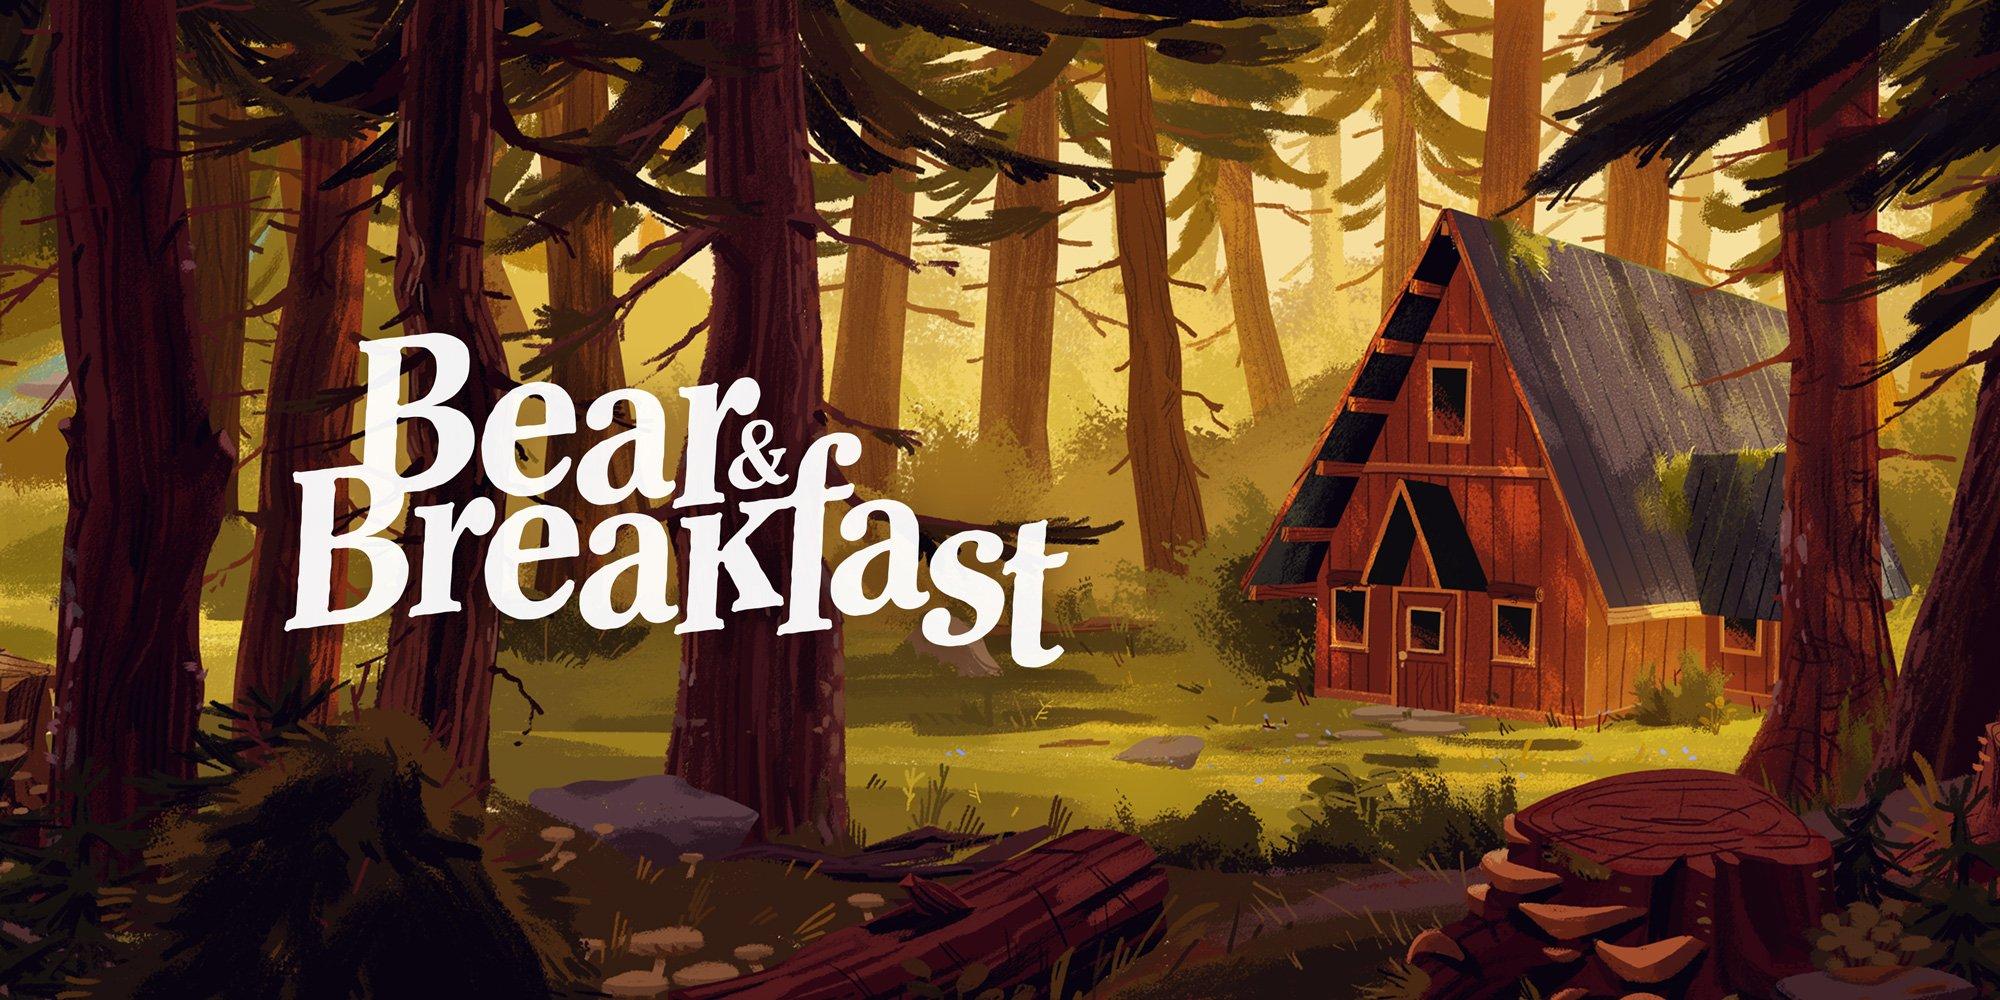 Bear & Breakfast